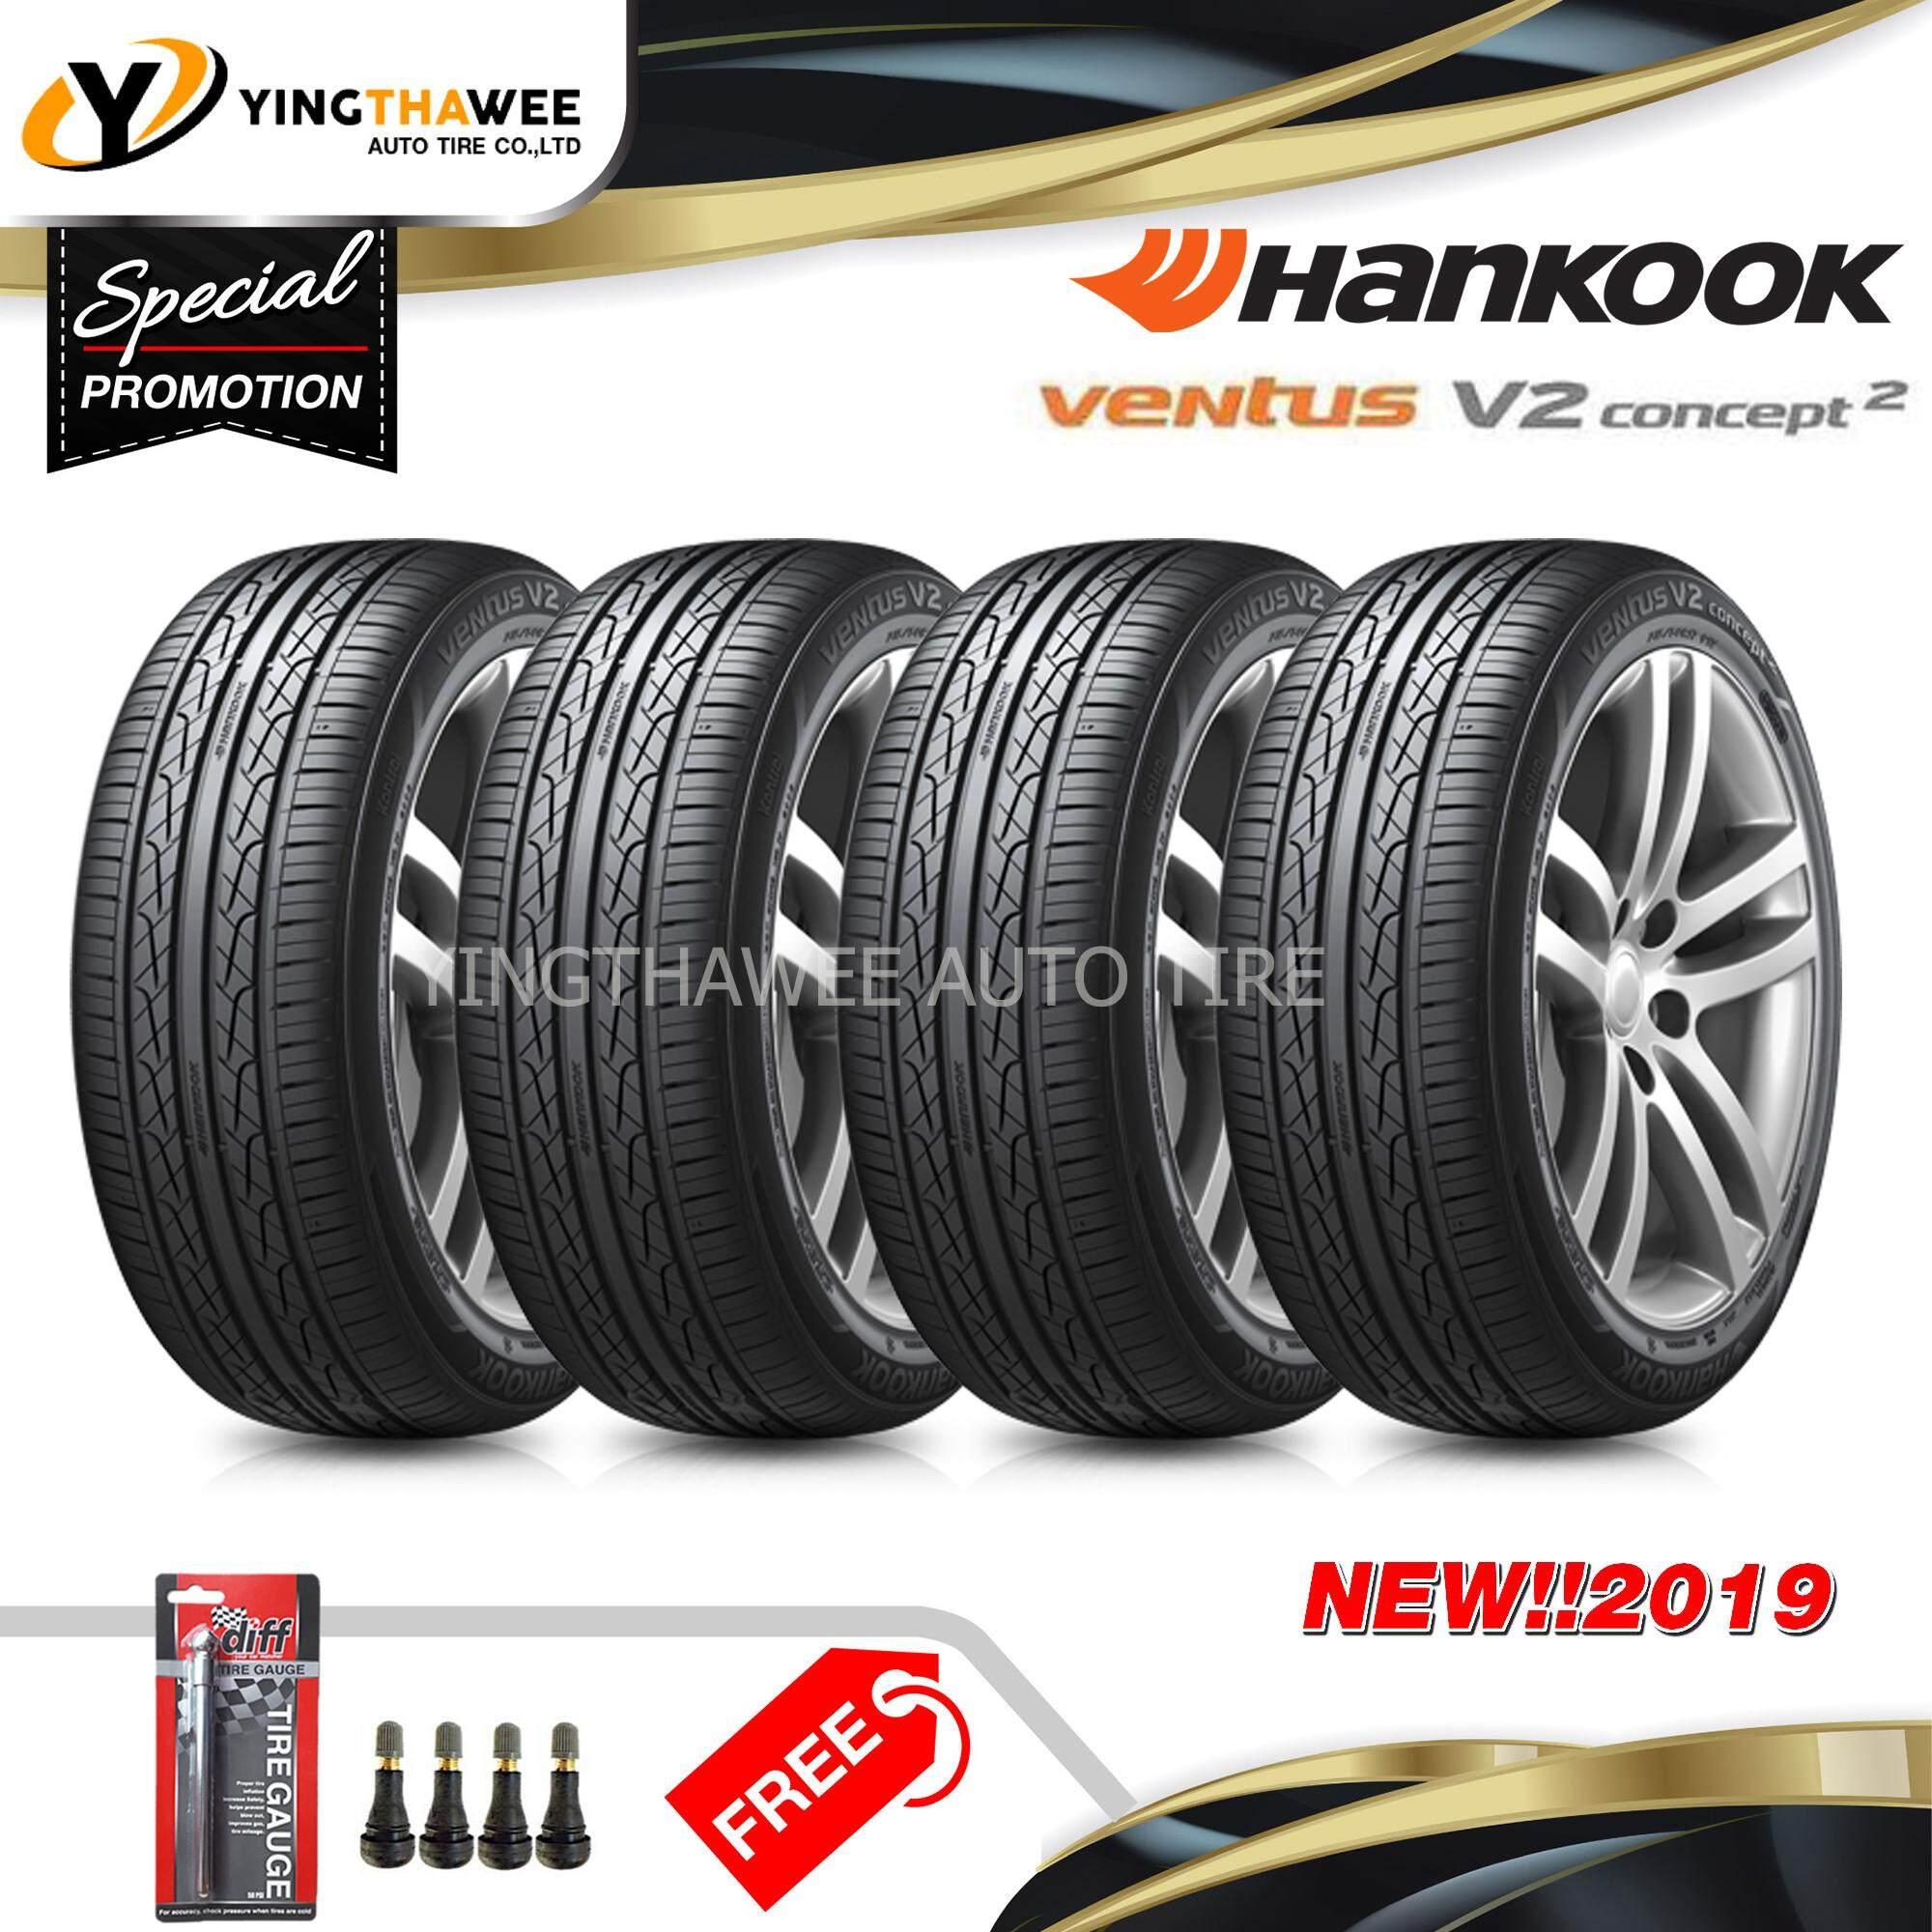 ระนอง HANKOOK ยางรถยนต์ 215/55R17 รุ่น V2  4 เส้น (ปี 2019) แถมจุ๊บลมยางหัวทองเหลือง 4 ตัว + เกจวัดลมยาง 1 ตัว